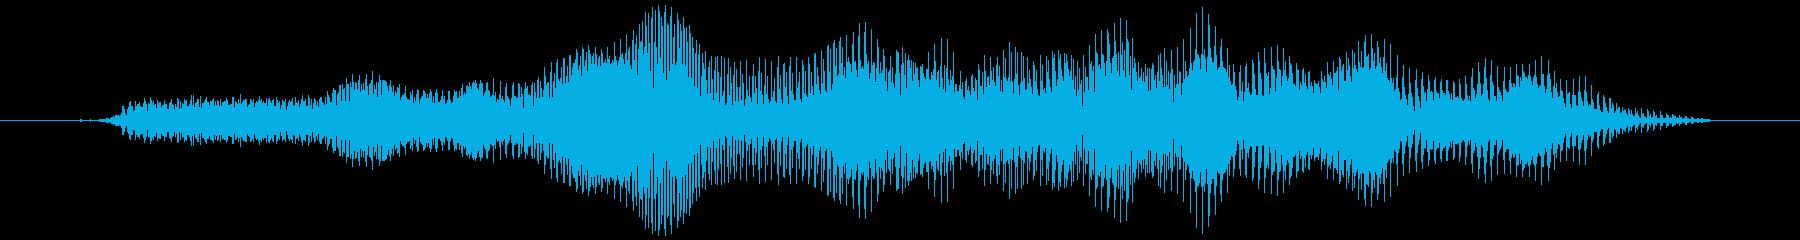 グラビティチューブ(下降)ウミューゥの再生済みの波形